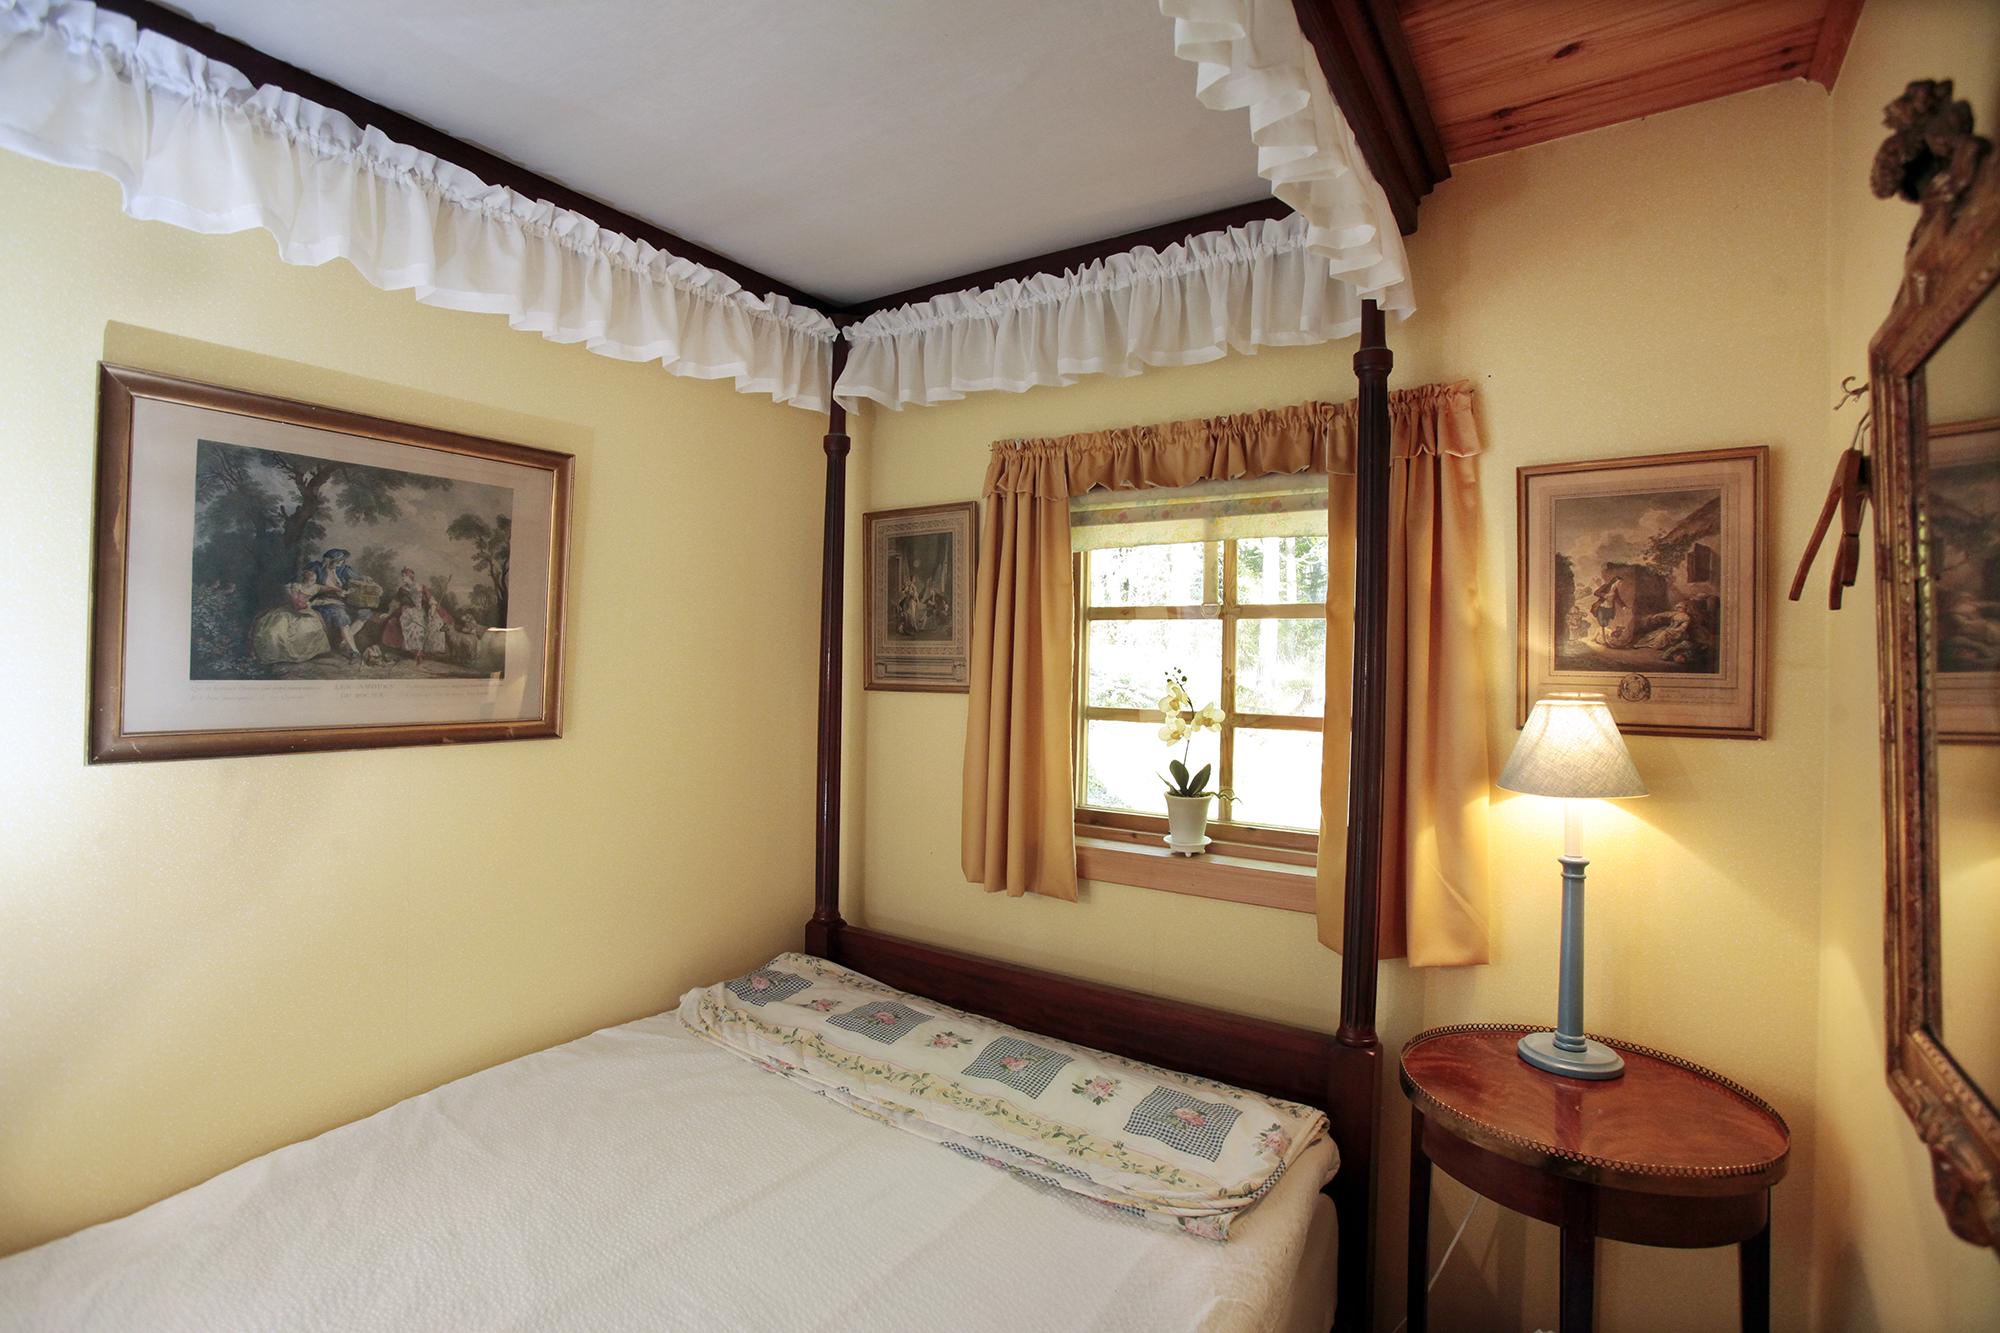 Litet sovrum med 1.2 m bred säng